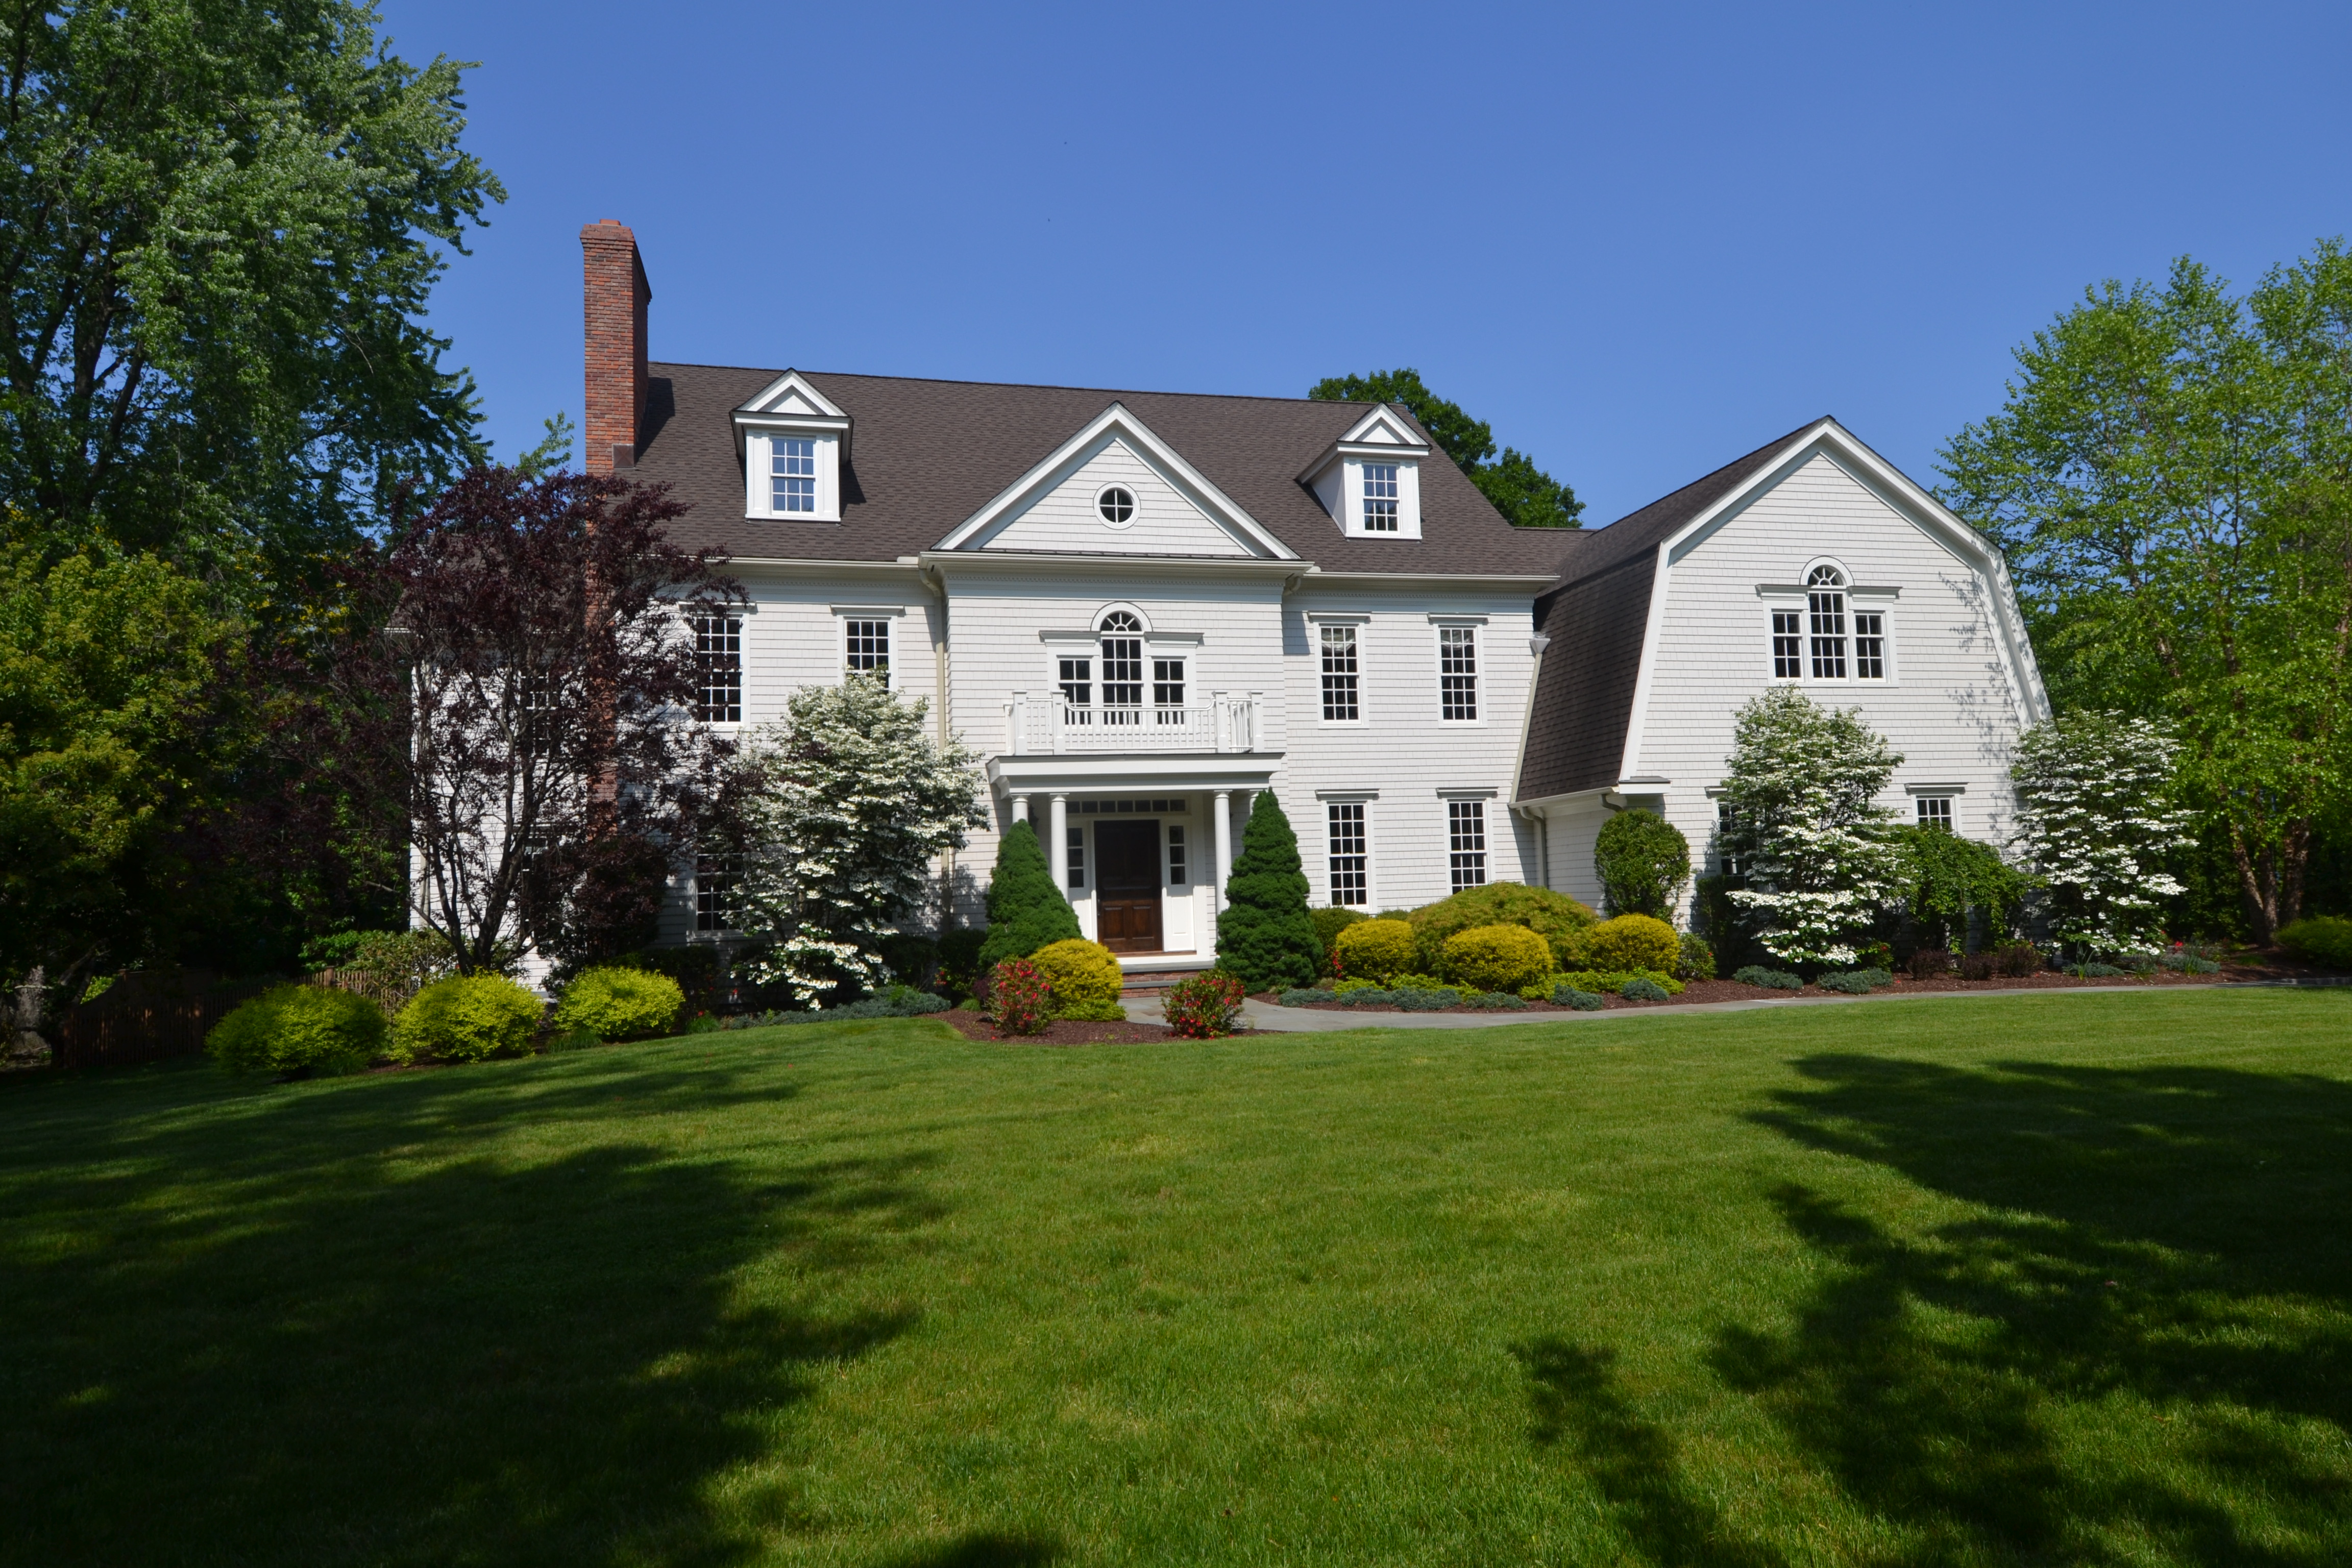 獨棟家庭住宅 為 出售 在 A Private Oasis 148 North Avenue Westport, 康涅狄格州, 06880 美國